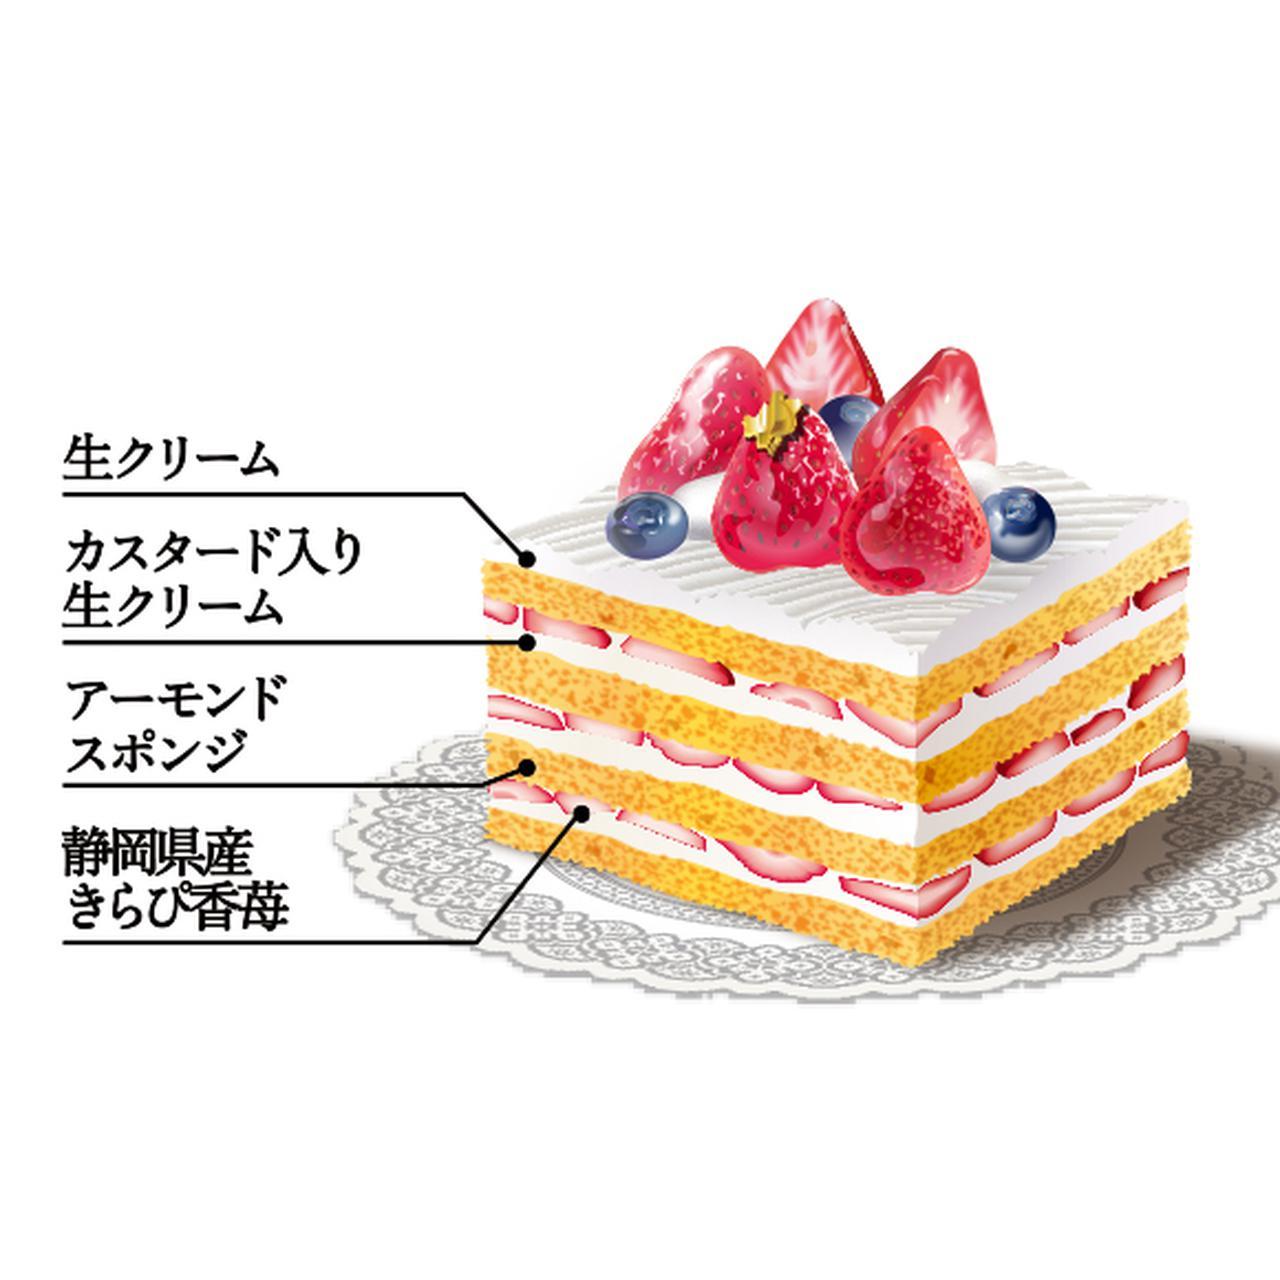 画像: しっとりとしたアーモンドスポンジと生クリーム、濃厚な味わいの「きらぴ香」苺を多層にした宝石箱のようなケーキ www2.chateraise.co.jp